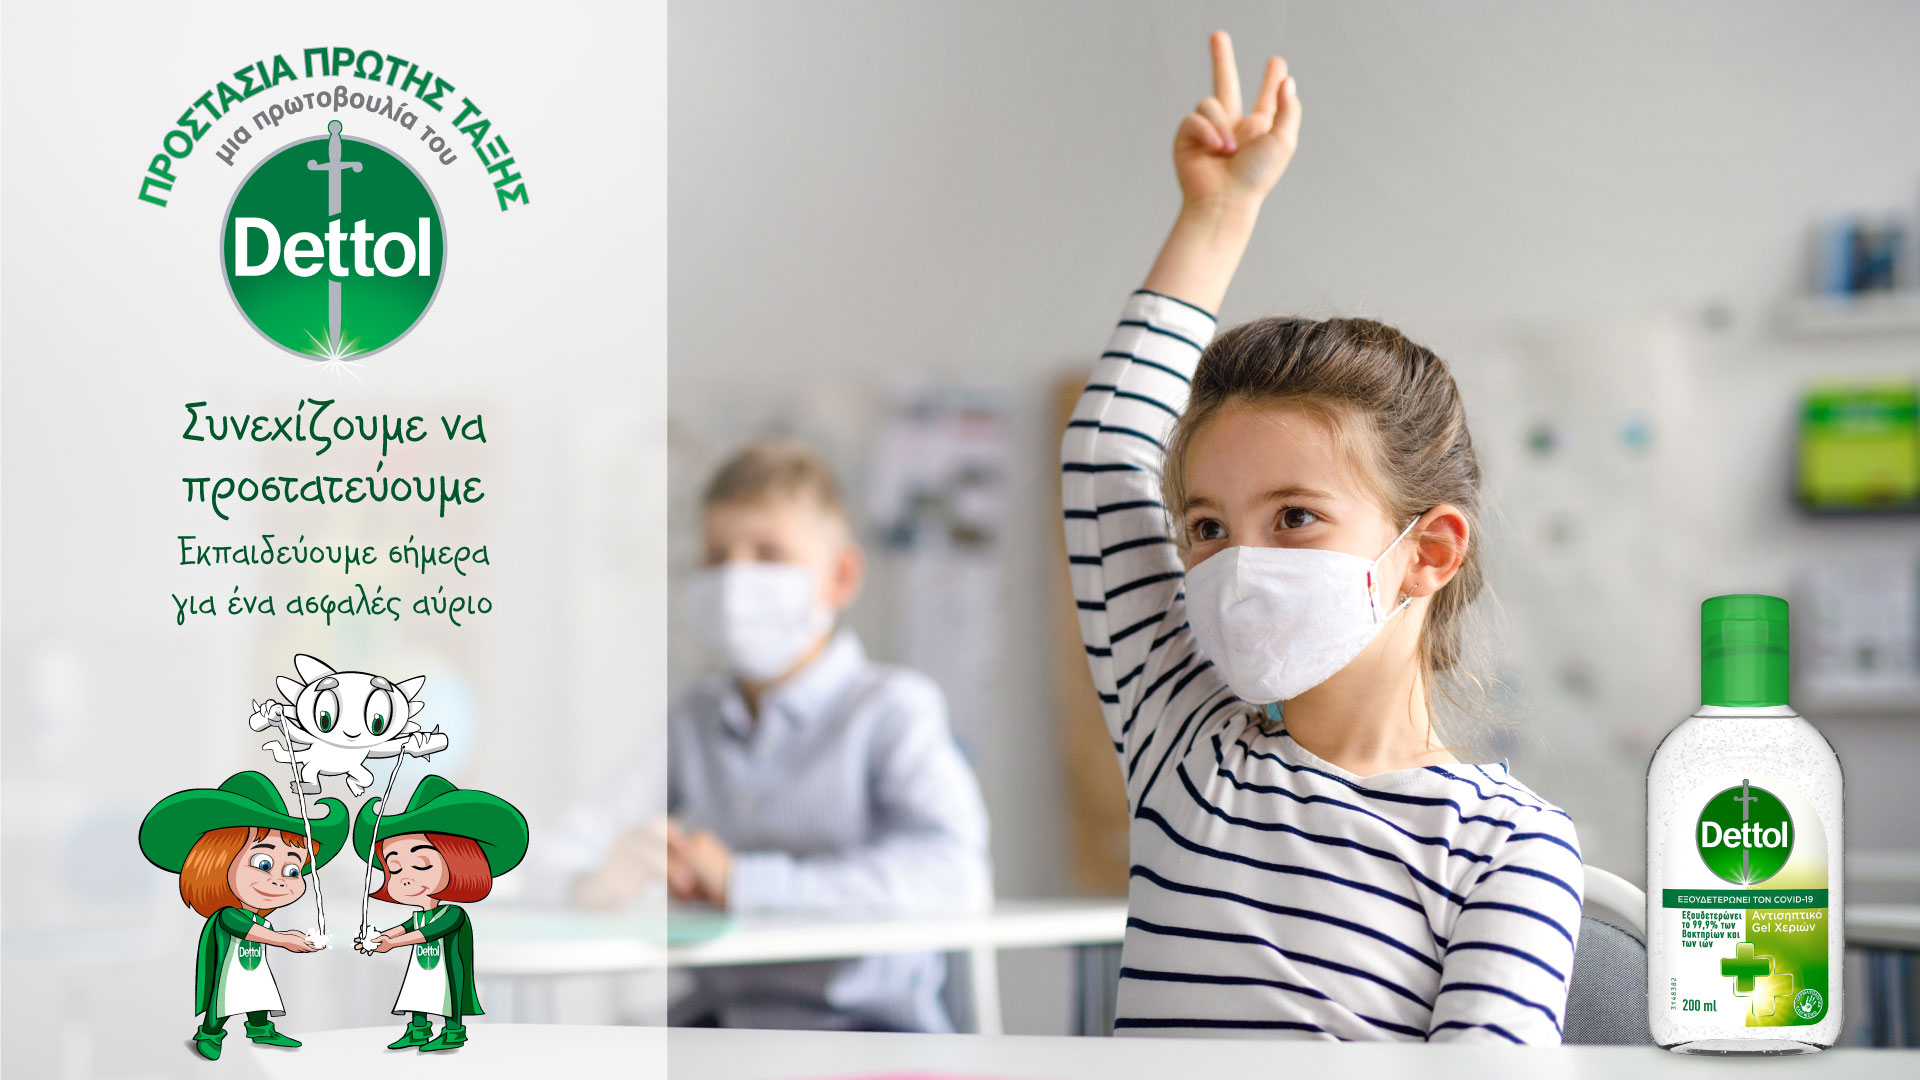 Προστασία Πρώτης Τάξης μια πρωτοβουλία του Dettol - Συνεχίζουμε να προστατεύουμε